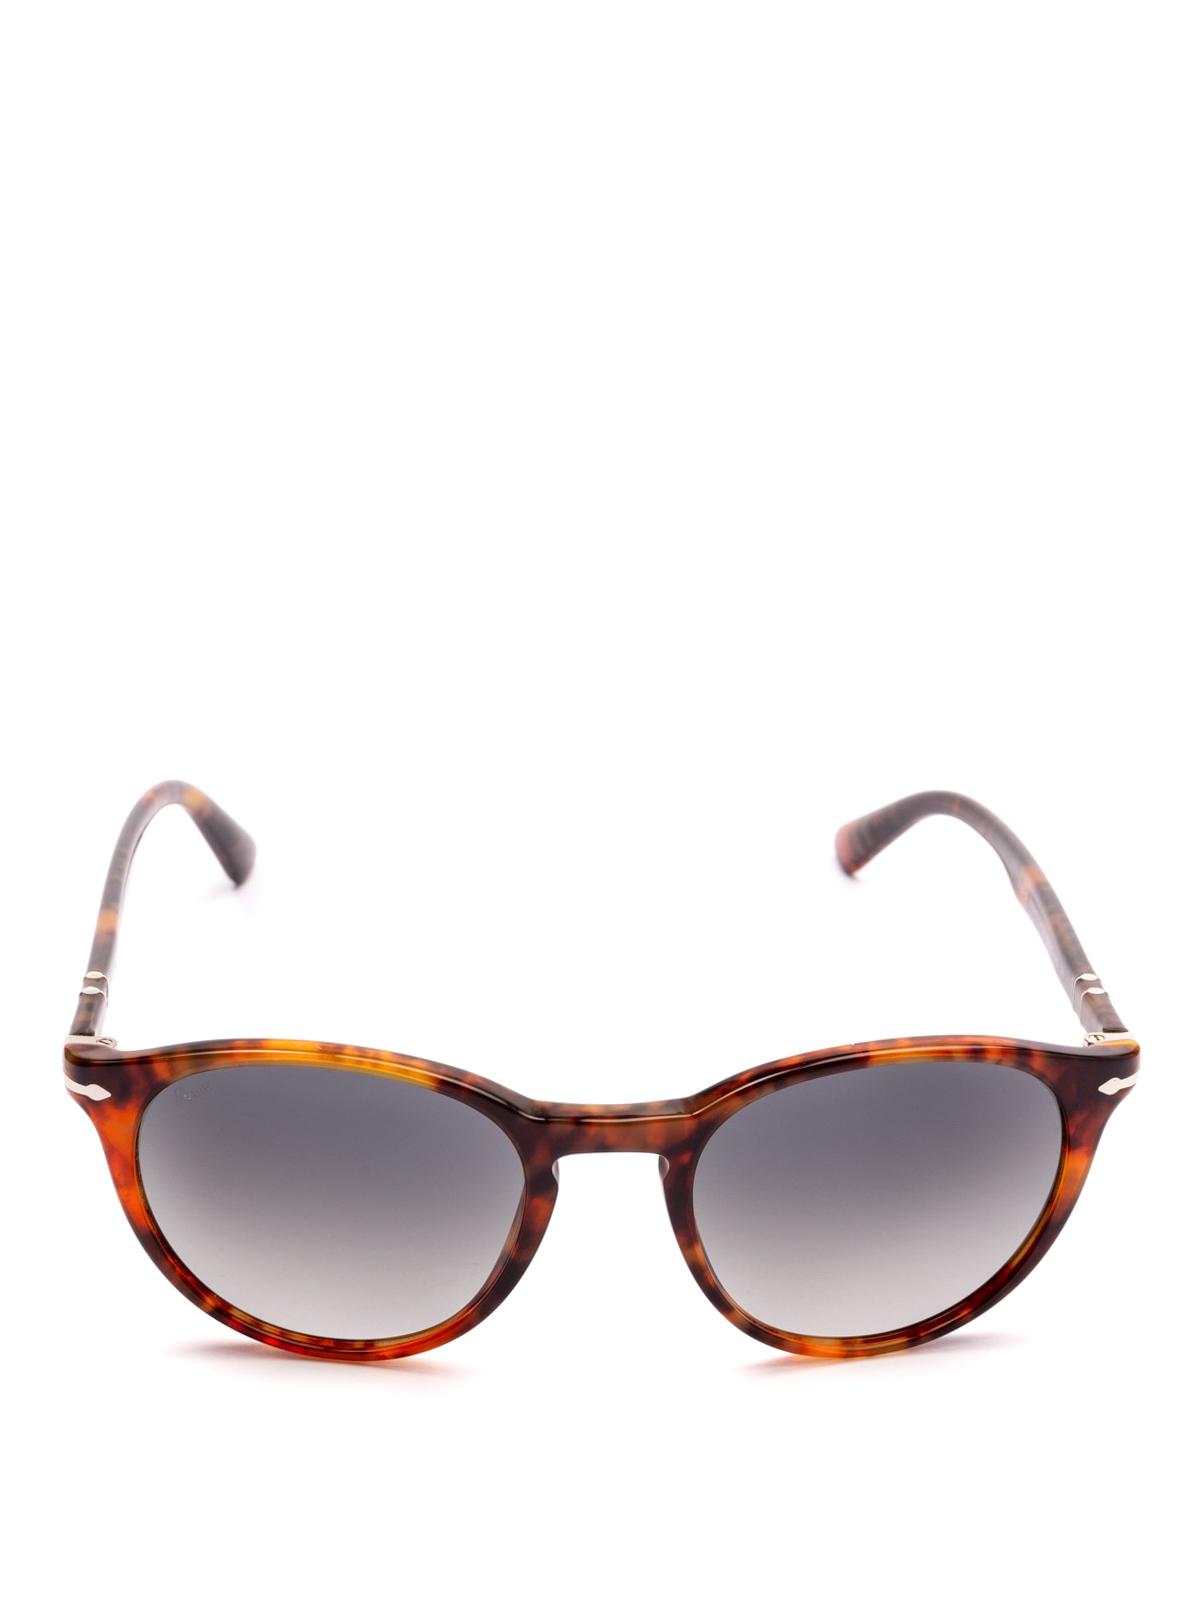 06e912ab46 PERSOL  sunglasses online - Tortoise frame oval dark lens sunglasses